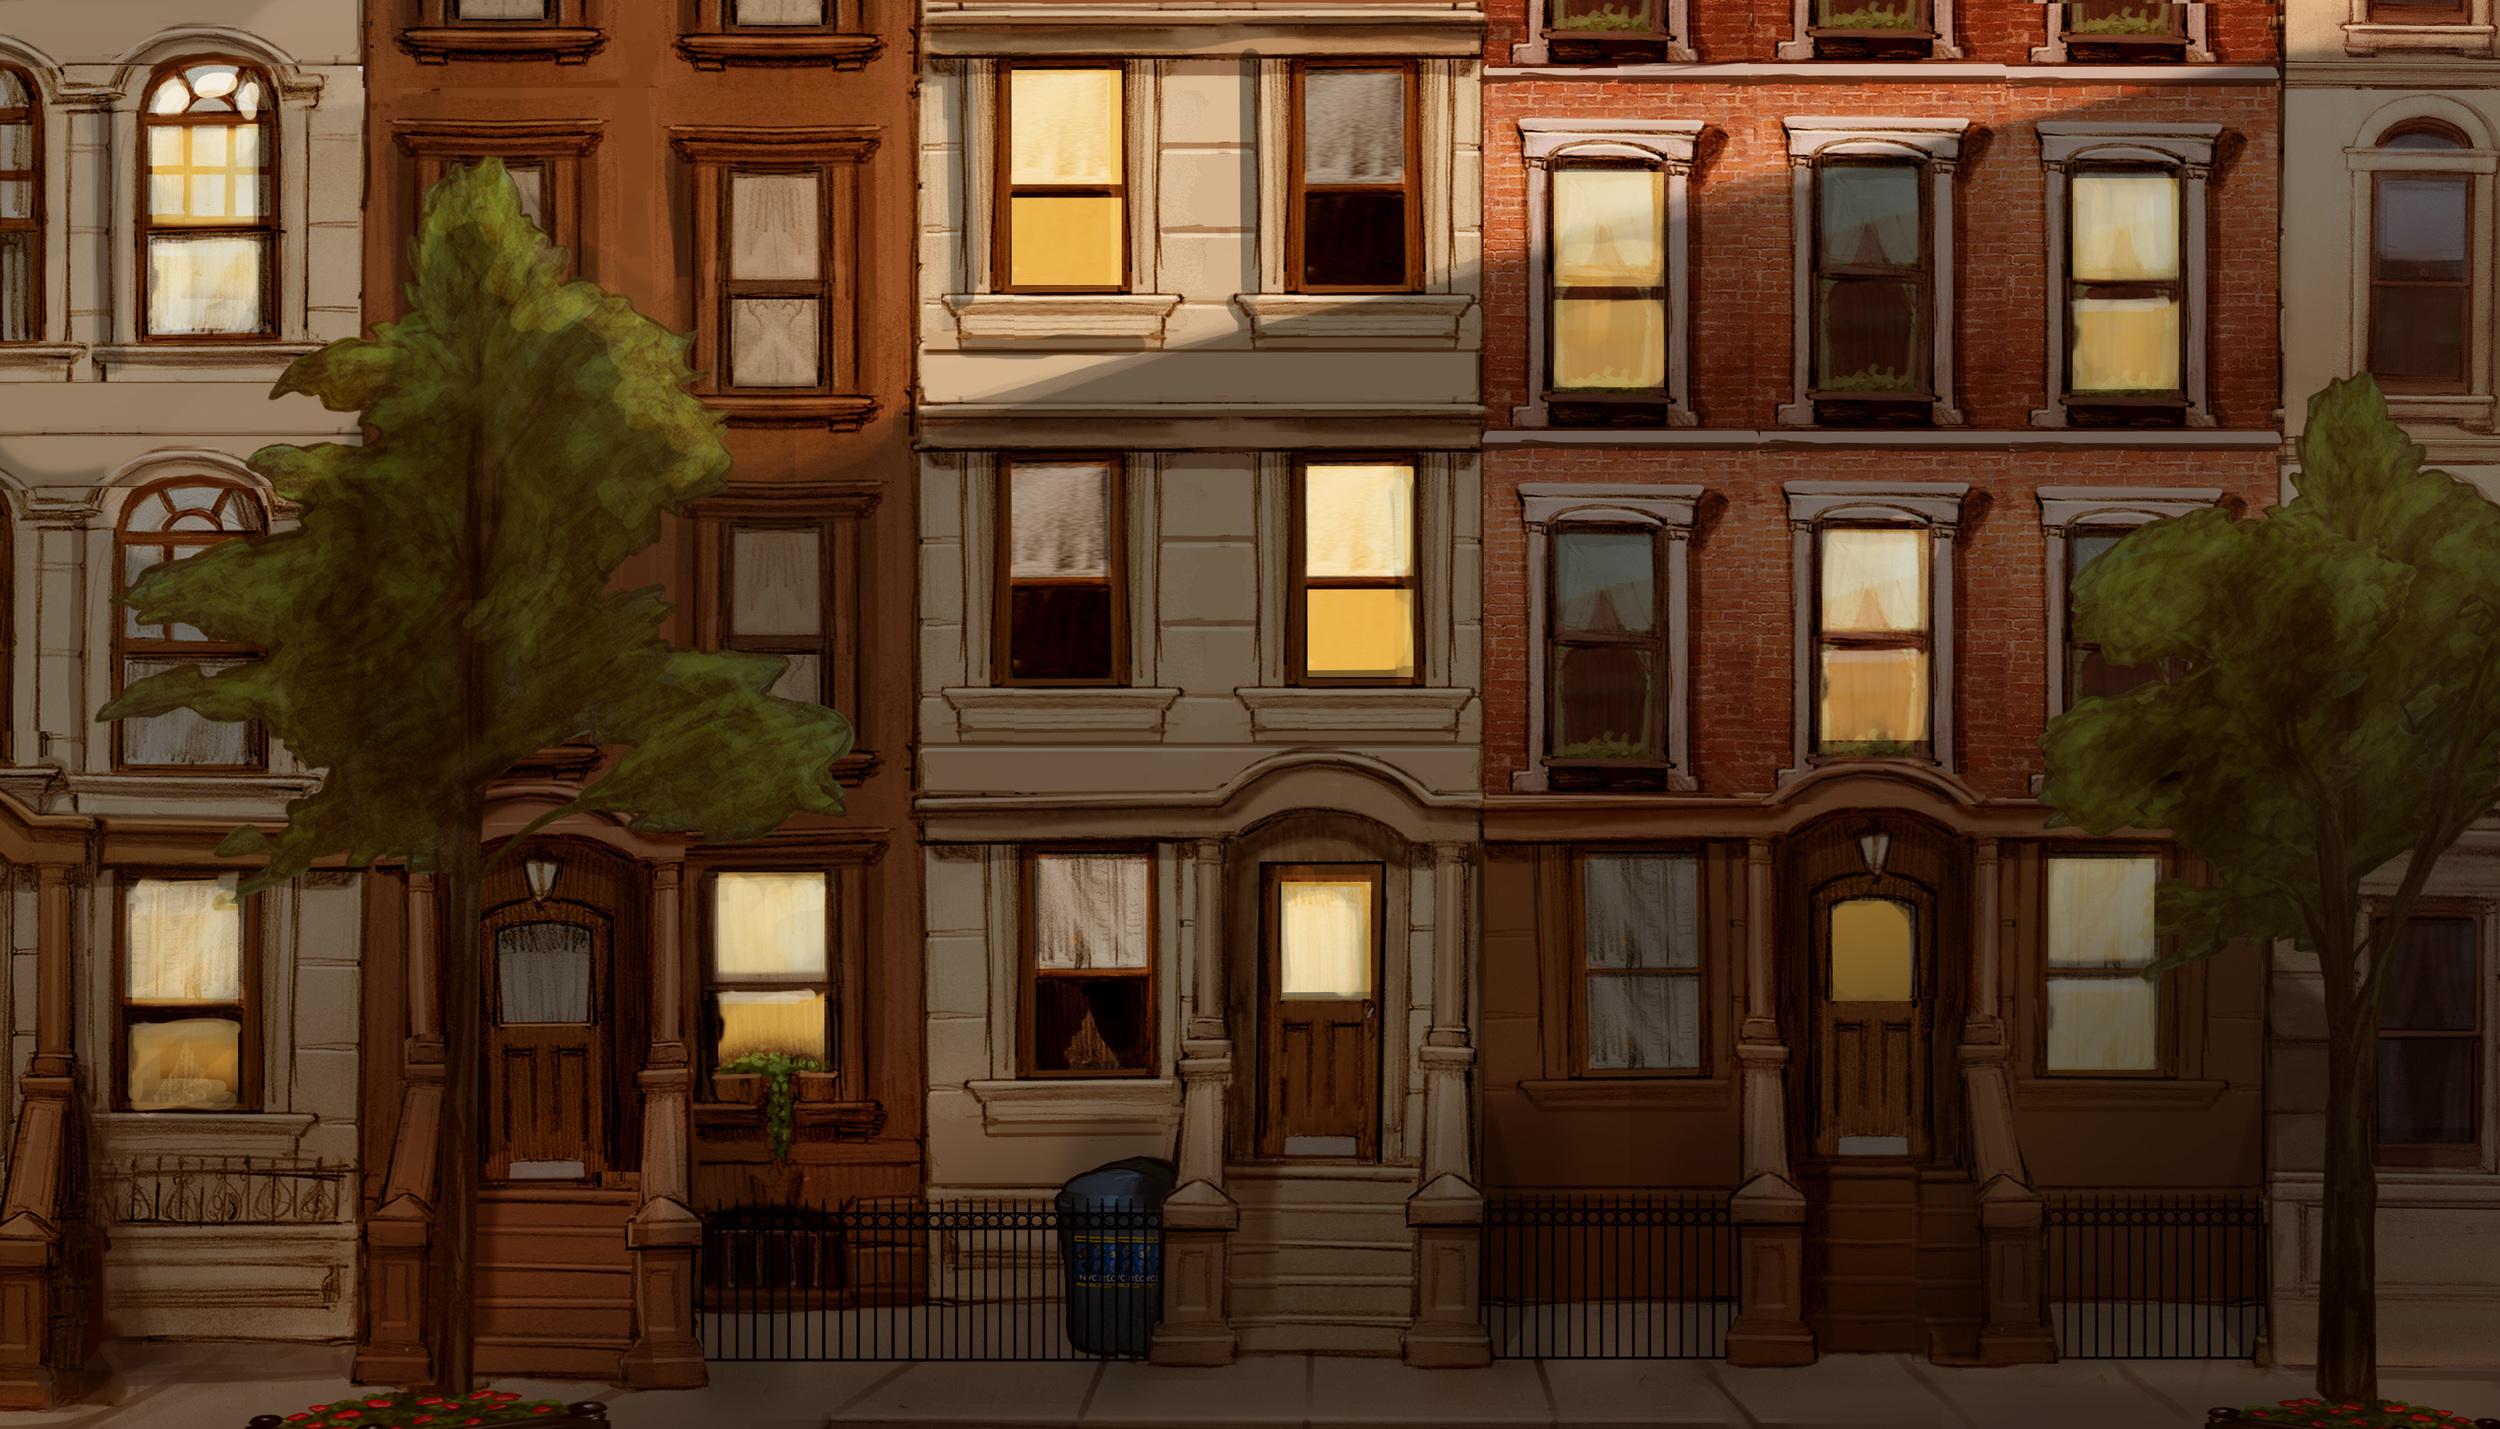 18_neighbors_new.jpg